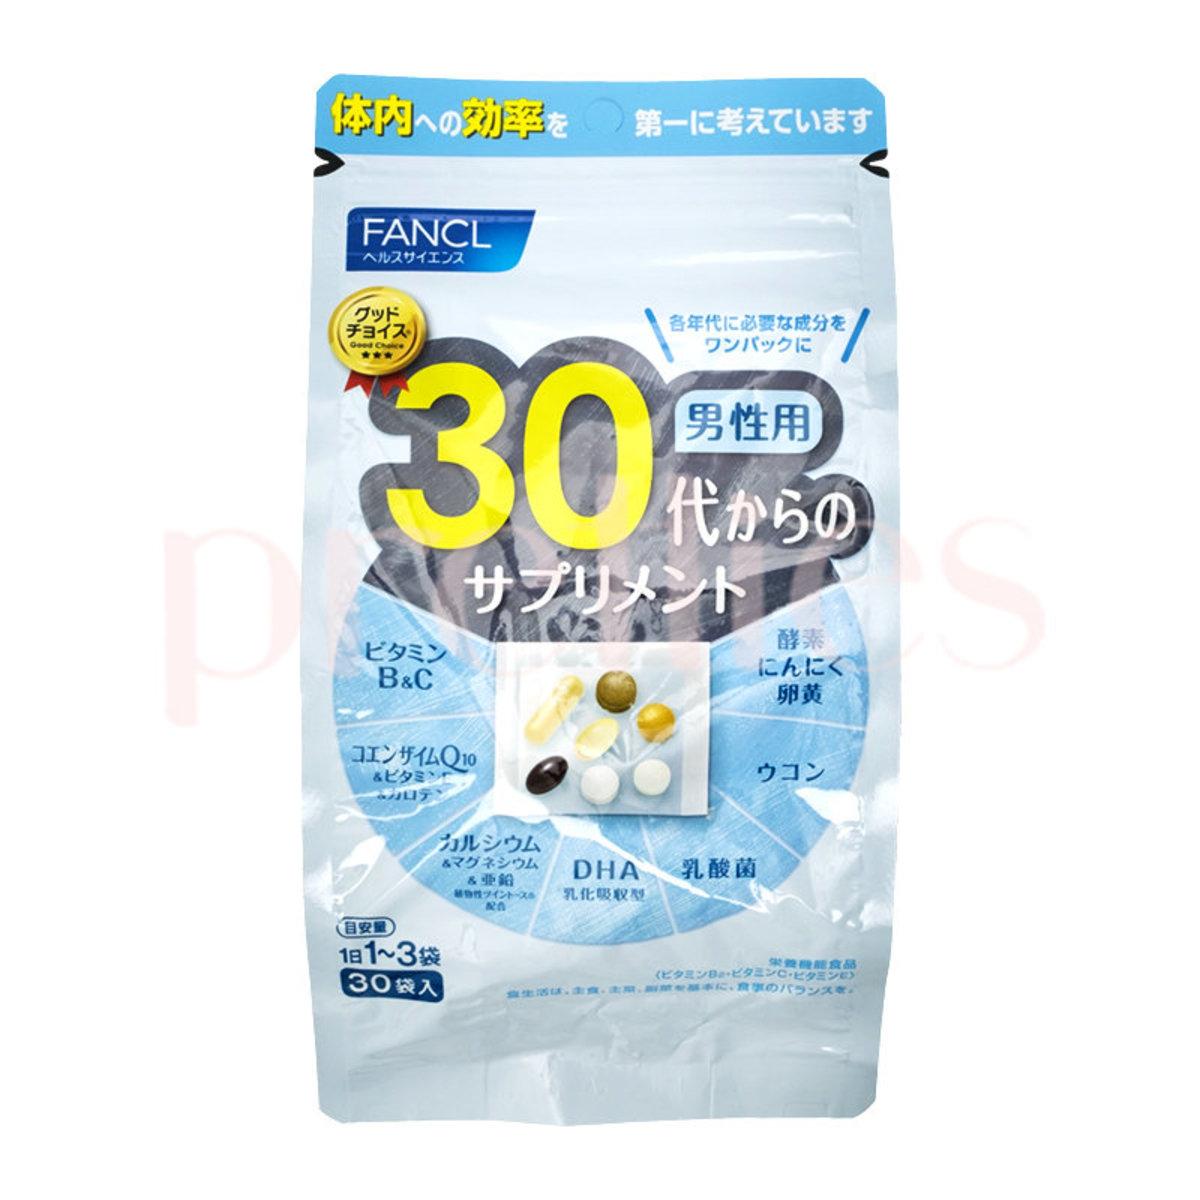 Good Choice 30's Men's Health Supplement (30 Bags) Blue (Parallel Import) Exp: Apr-2021